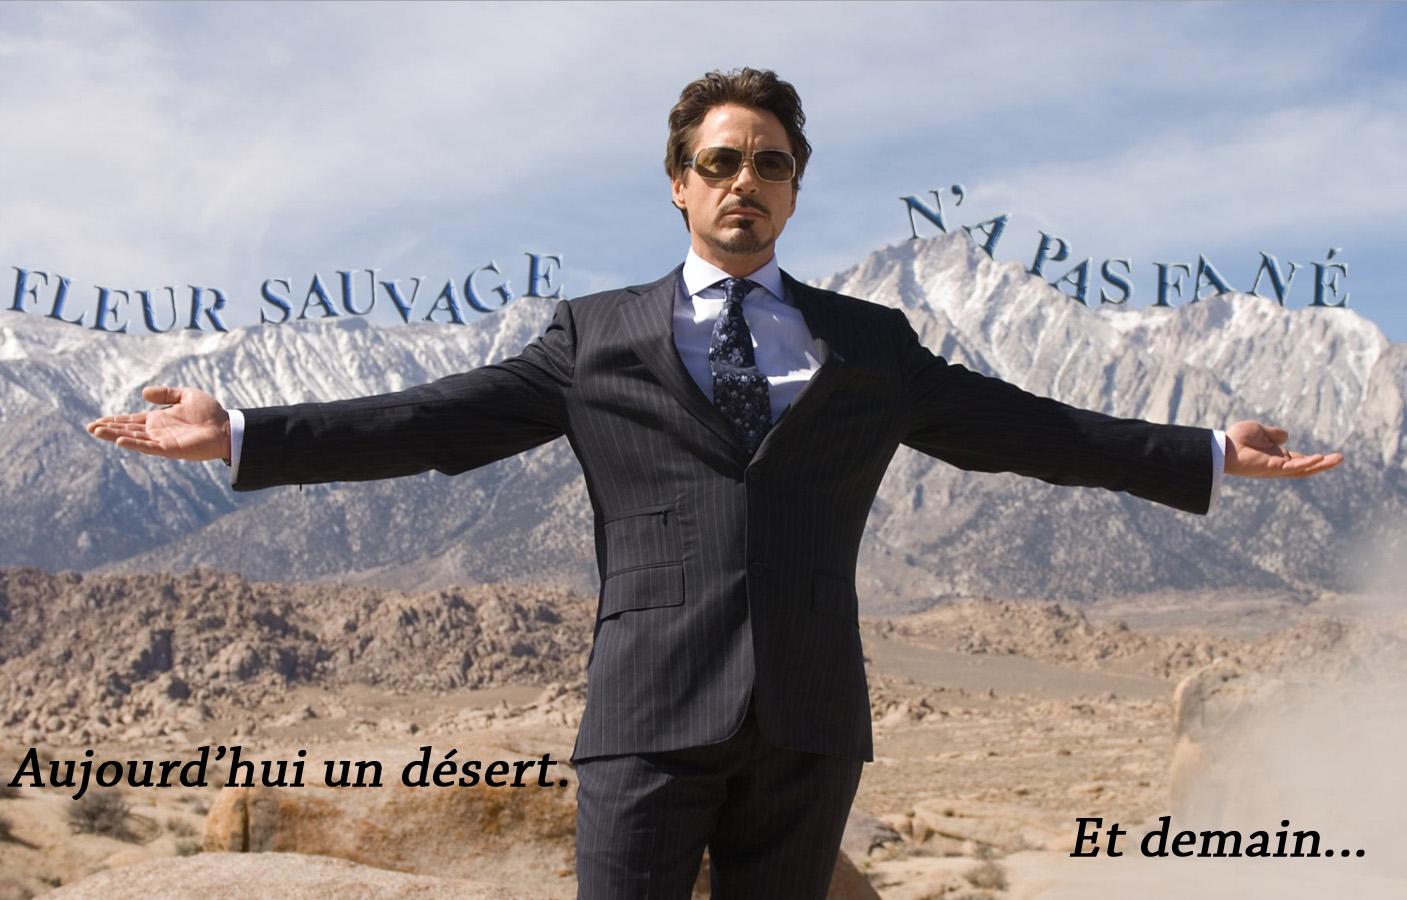 Détournement Tony Stark Fleur Sauvage par Un K à part